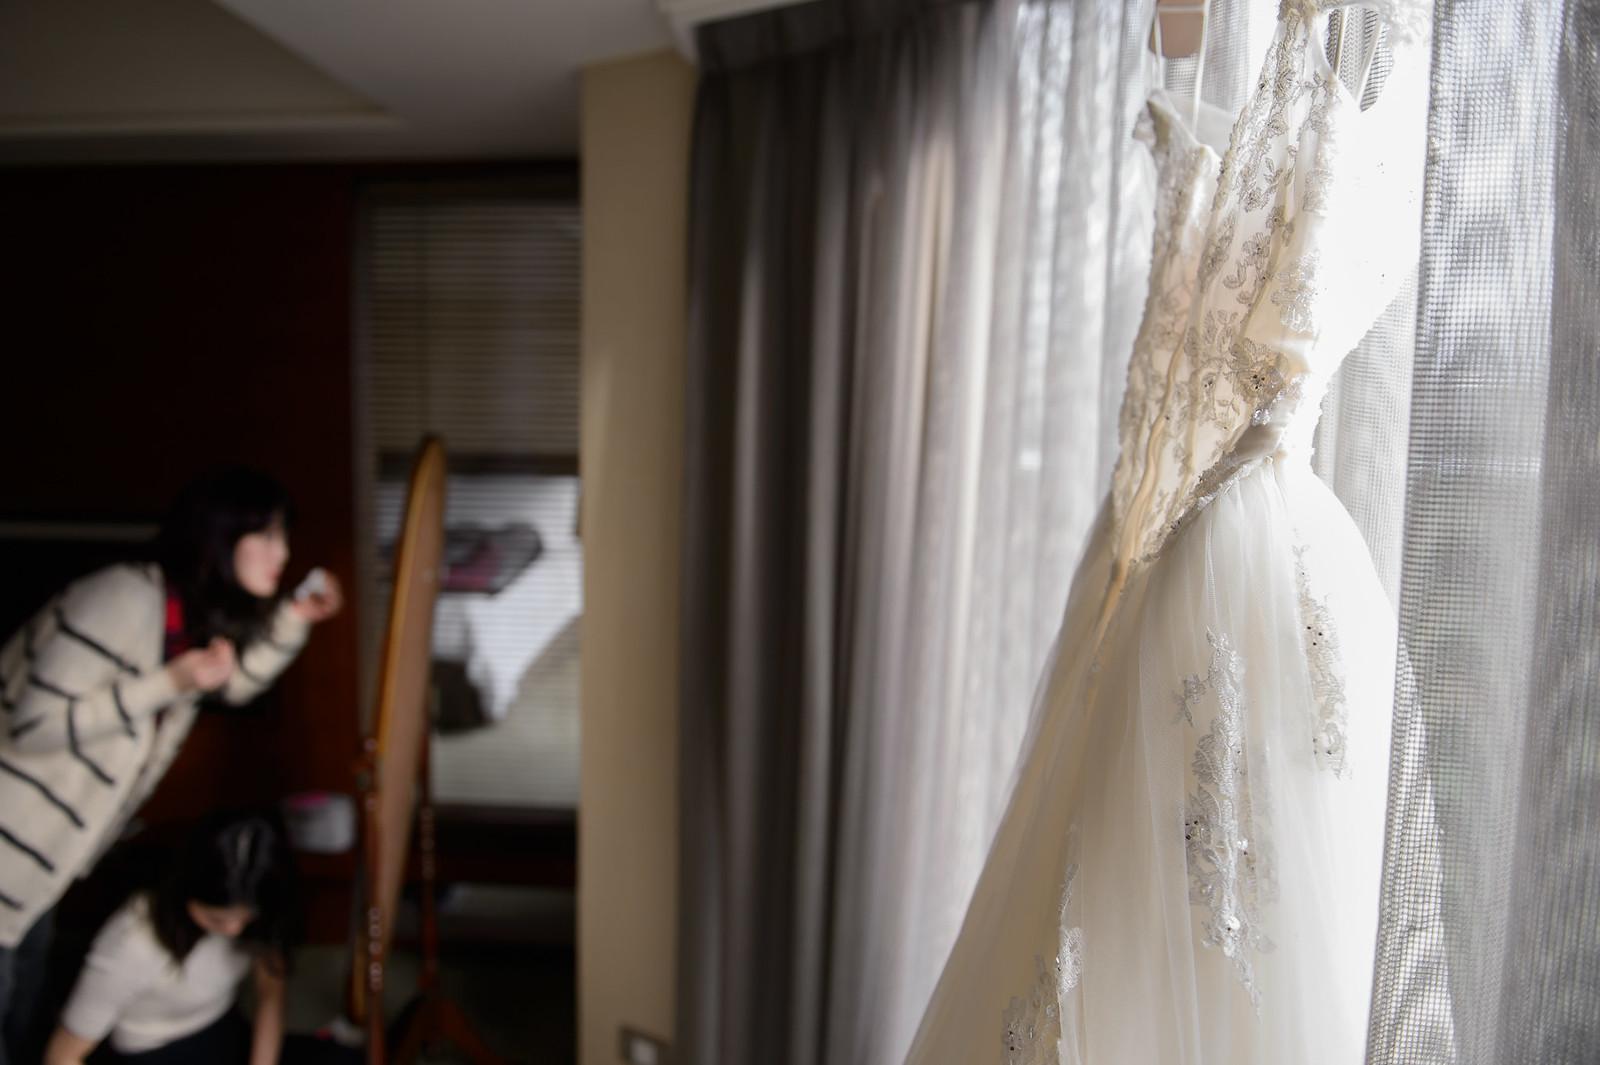 台北婚攝, 婚禮攝影, 婚攝, 婚攝守恆, 婚攝推薦, 晶華酒店, 晶華酒店婚宴, 晶華酒店婚攝-10